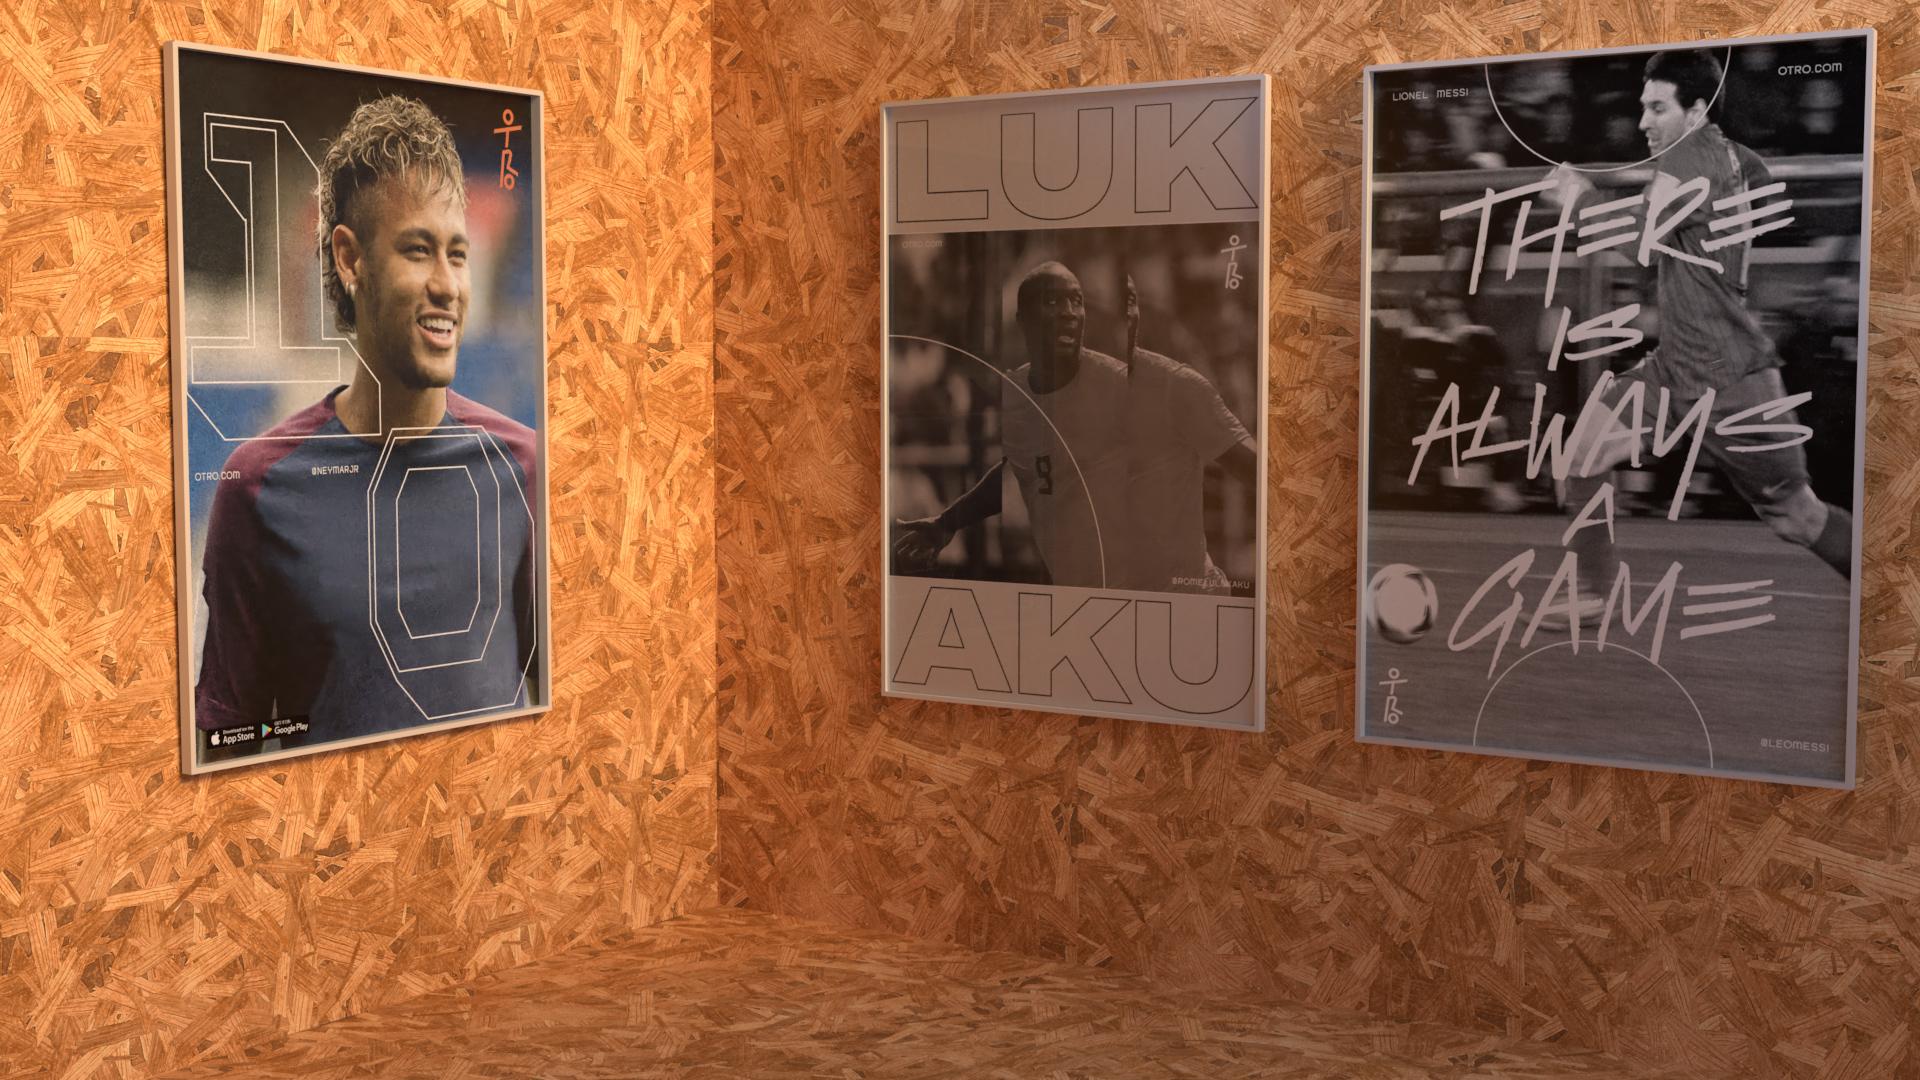 OTRO_Posters_Room